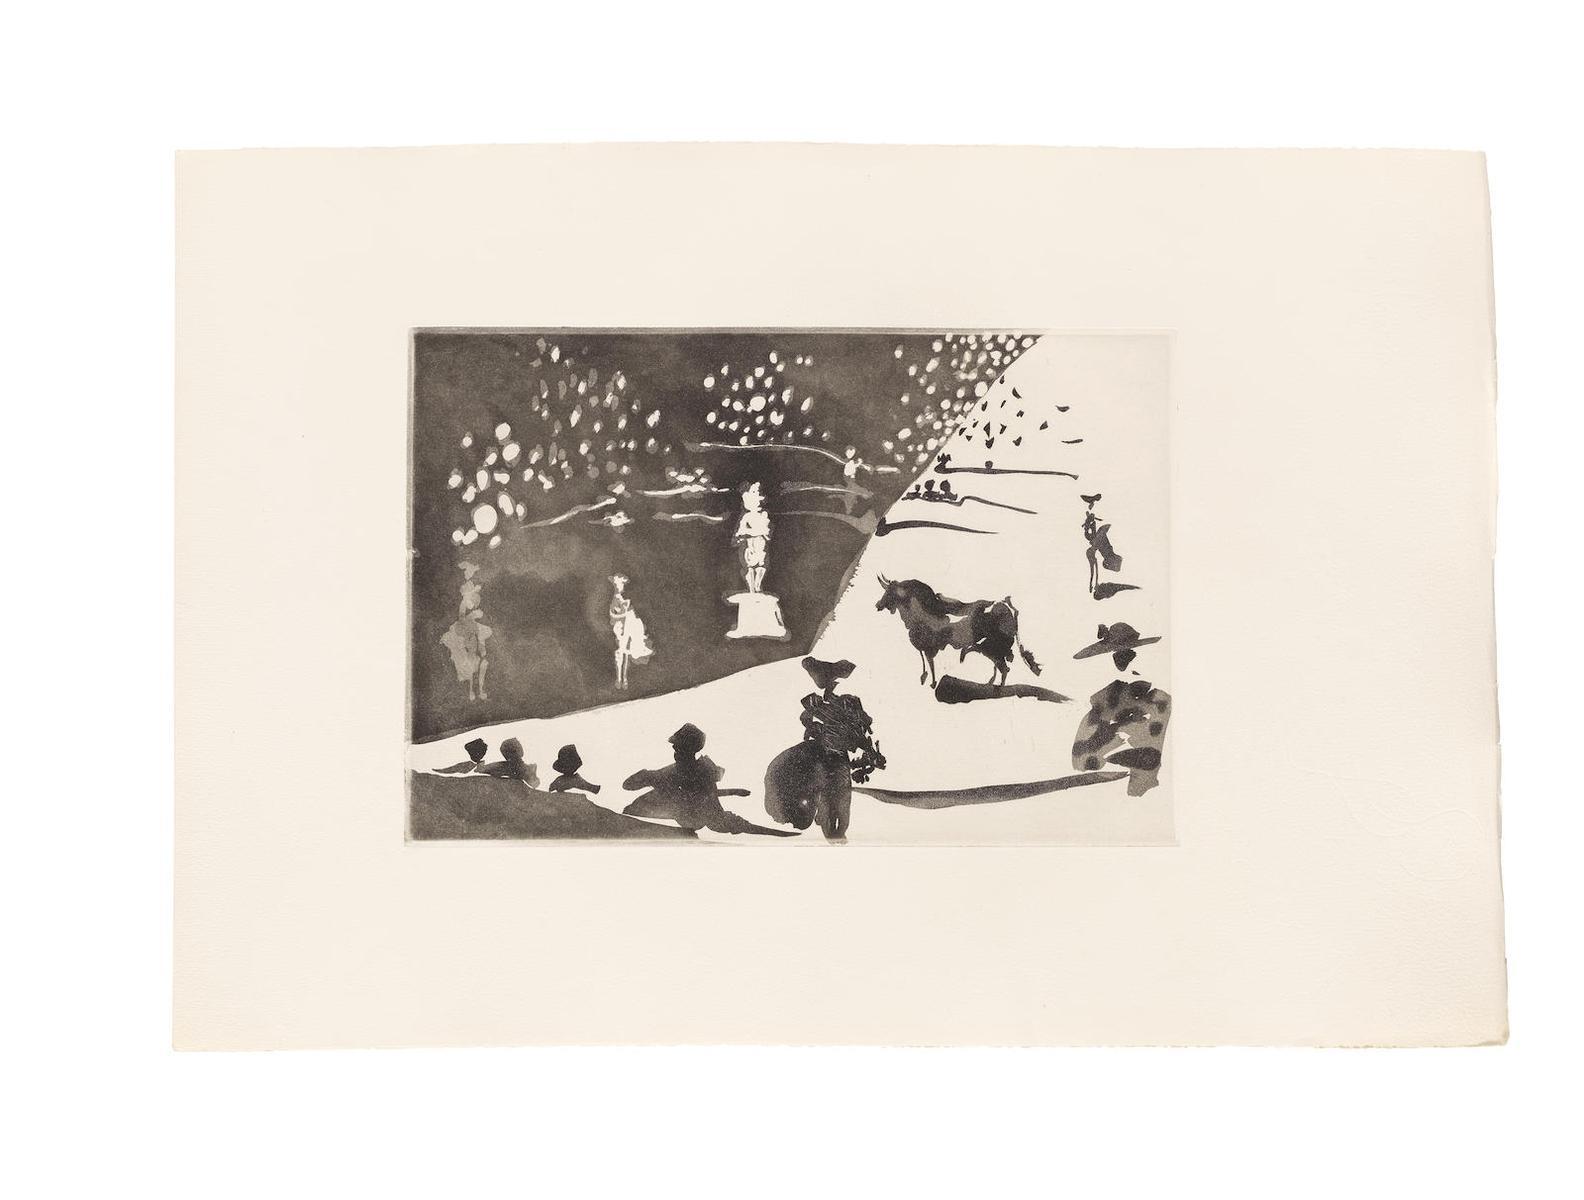 Pablo Picasso-Jose Delgado, La Tauromaquia, Ediciones De La Cometa, Barcelona, 1959(Cramer Books 100; Bloch 950-976; Baer 970-996)-1959